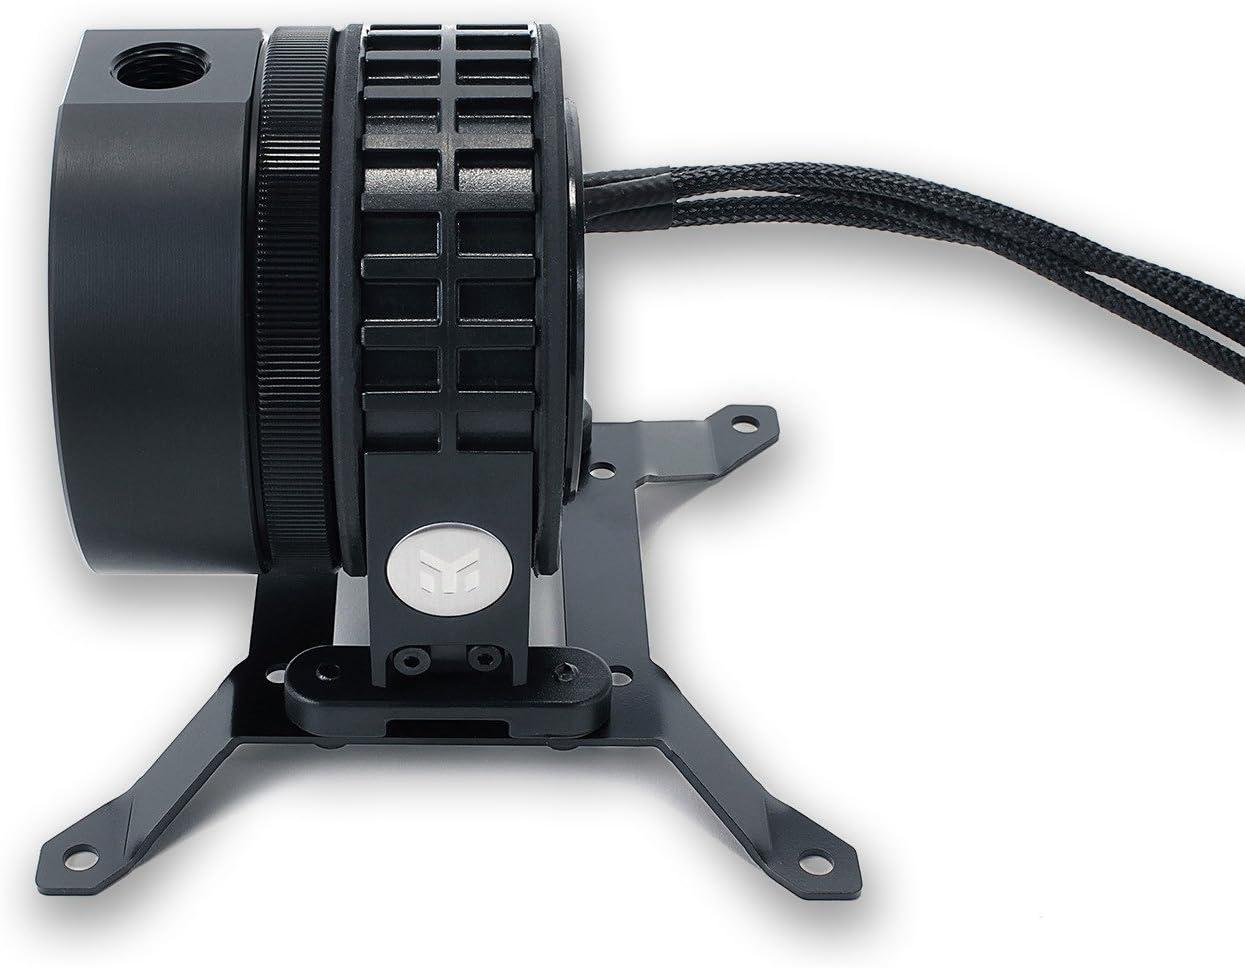 incl. Sleeved Pump Acetal EKWB EK-XTOP Revo D5 PWM